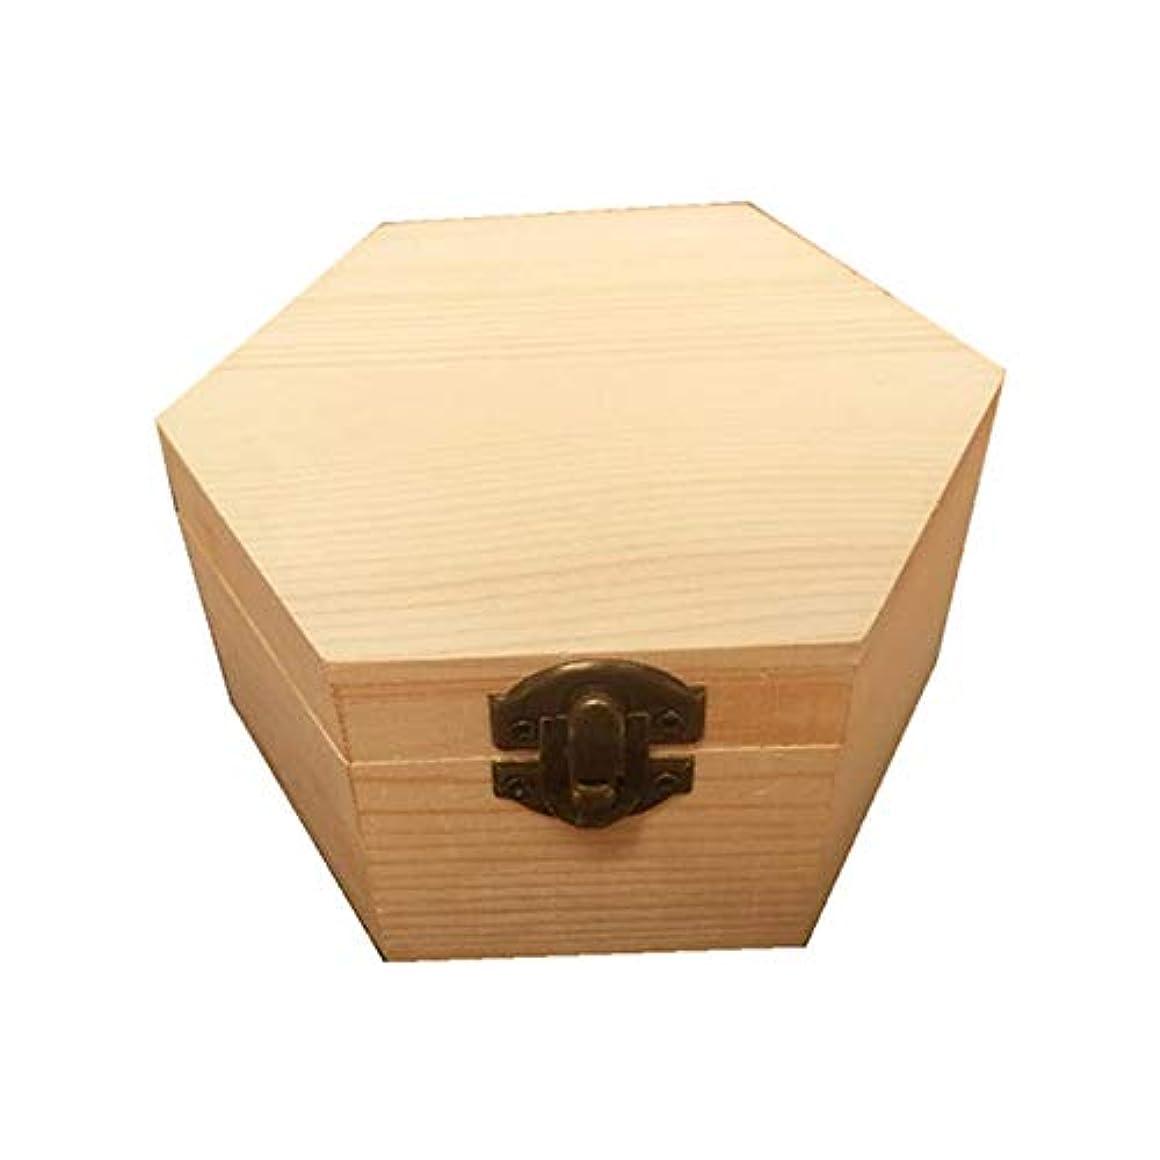 憎しみ上配送エッセンシャルオイルストレージボックス 手作りの木製ギフトボックスパーフェクトエッセンシャルオイルケースにエッセンシャルオイル 旅行およびプレゼンテーション用 (色 : Natural, サイズ : 13X11.3X6.8CM)